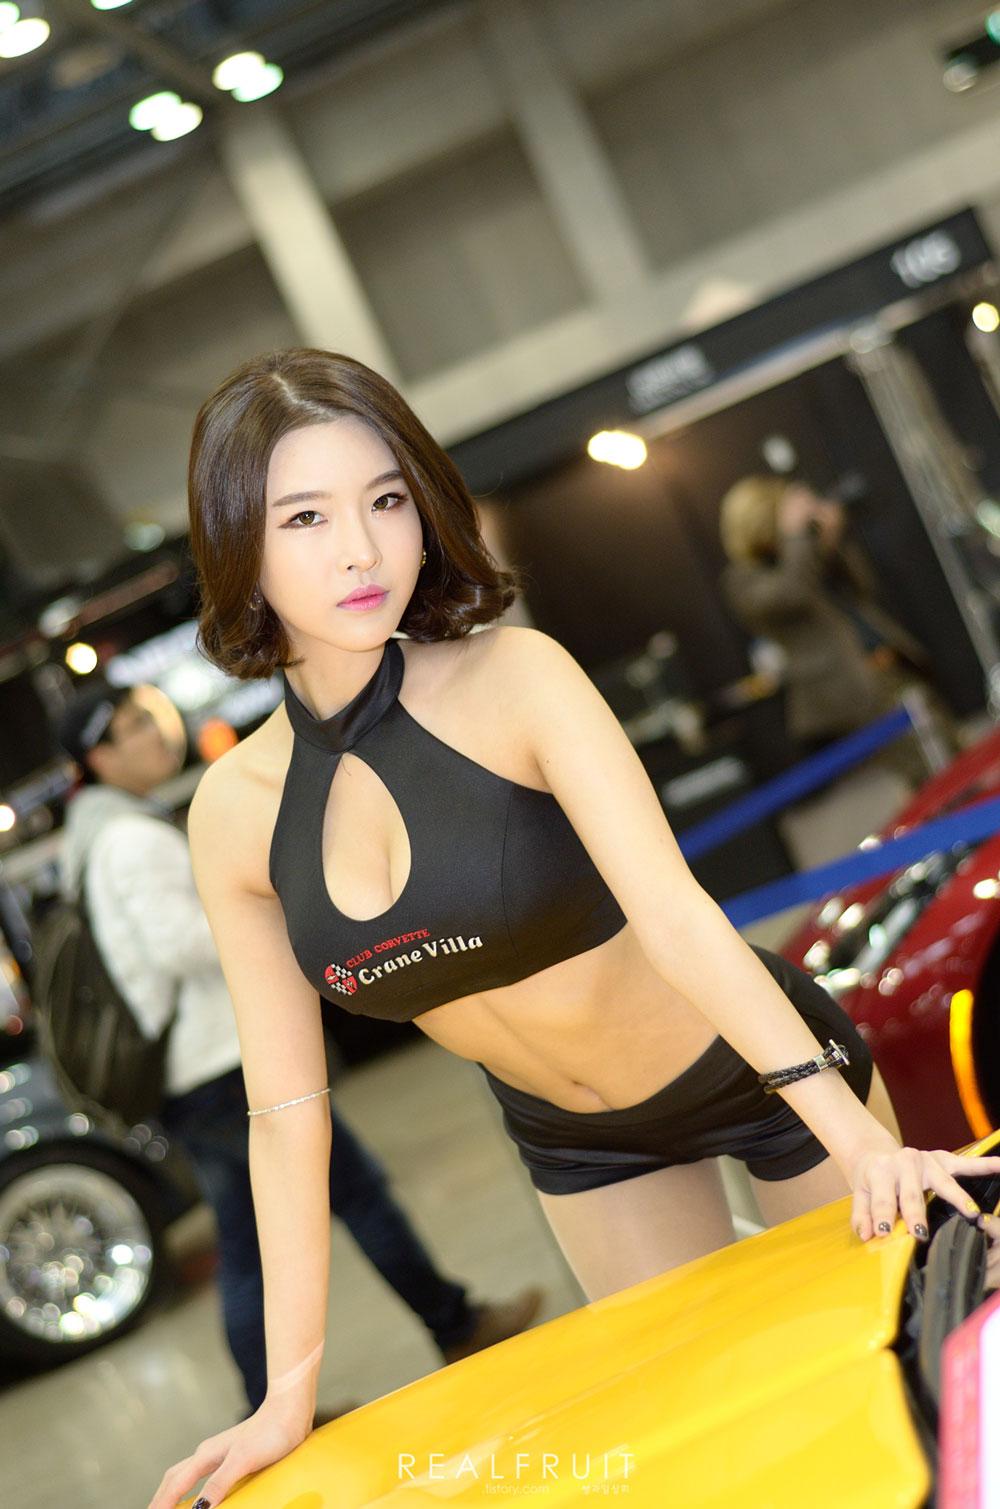 Korean Car Show Models Ko Jin Young Tuning Car Contest 2014 Korean Race Girls Hwang Mi Hee